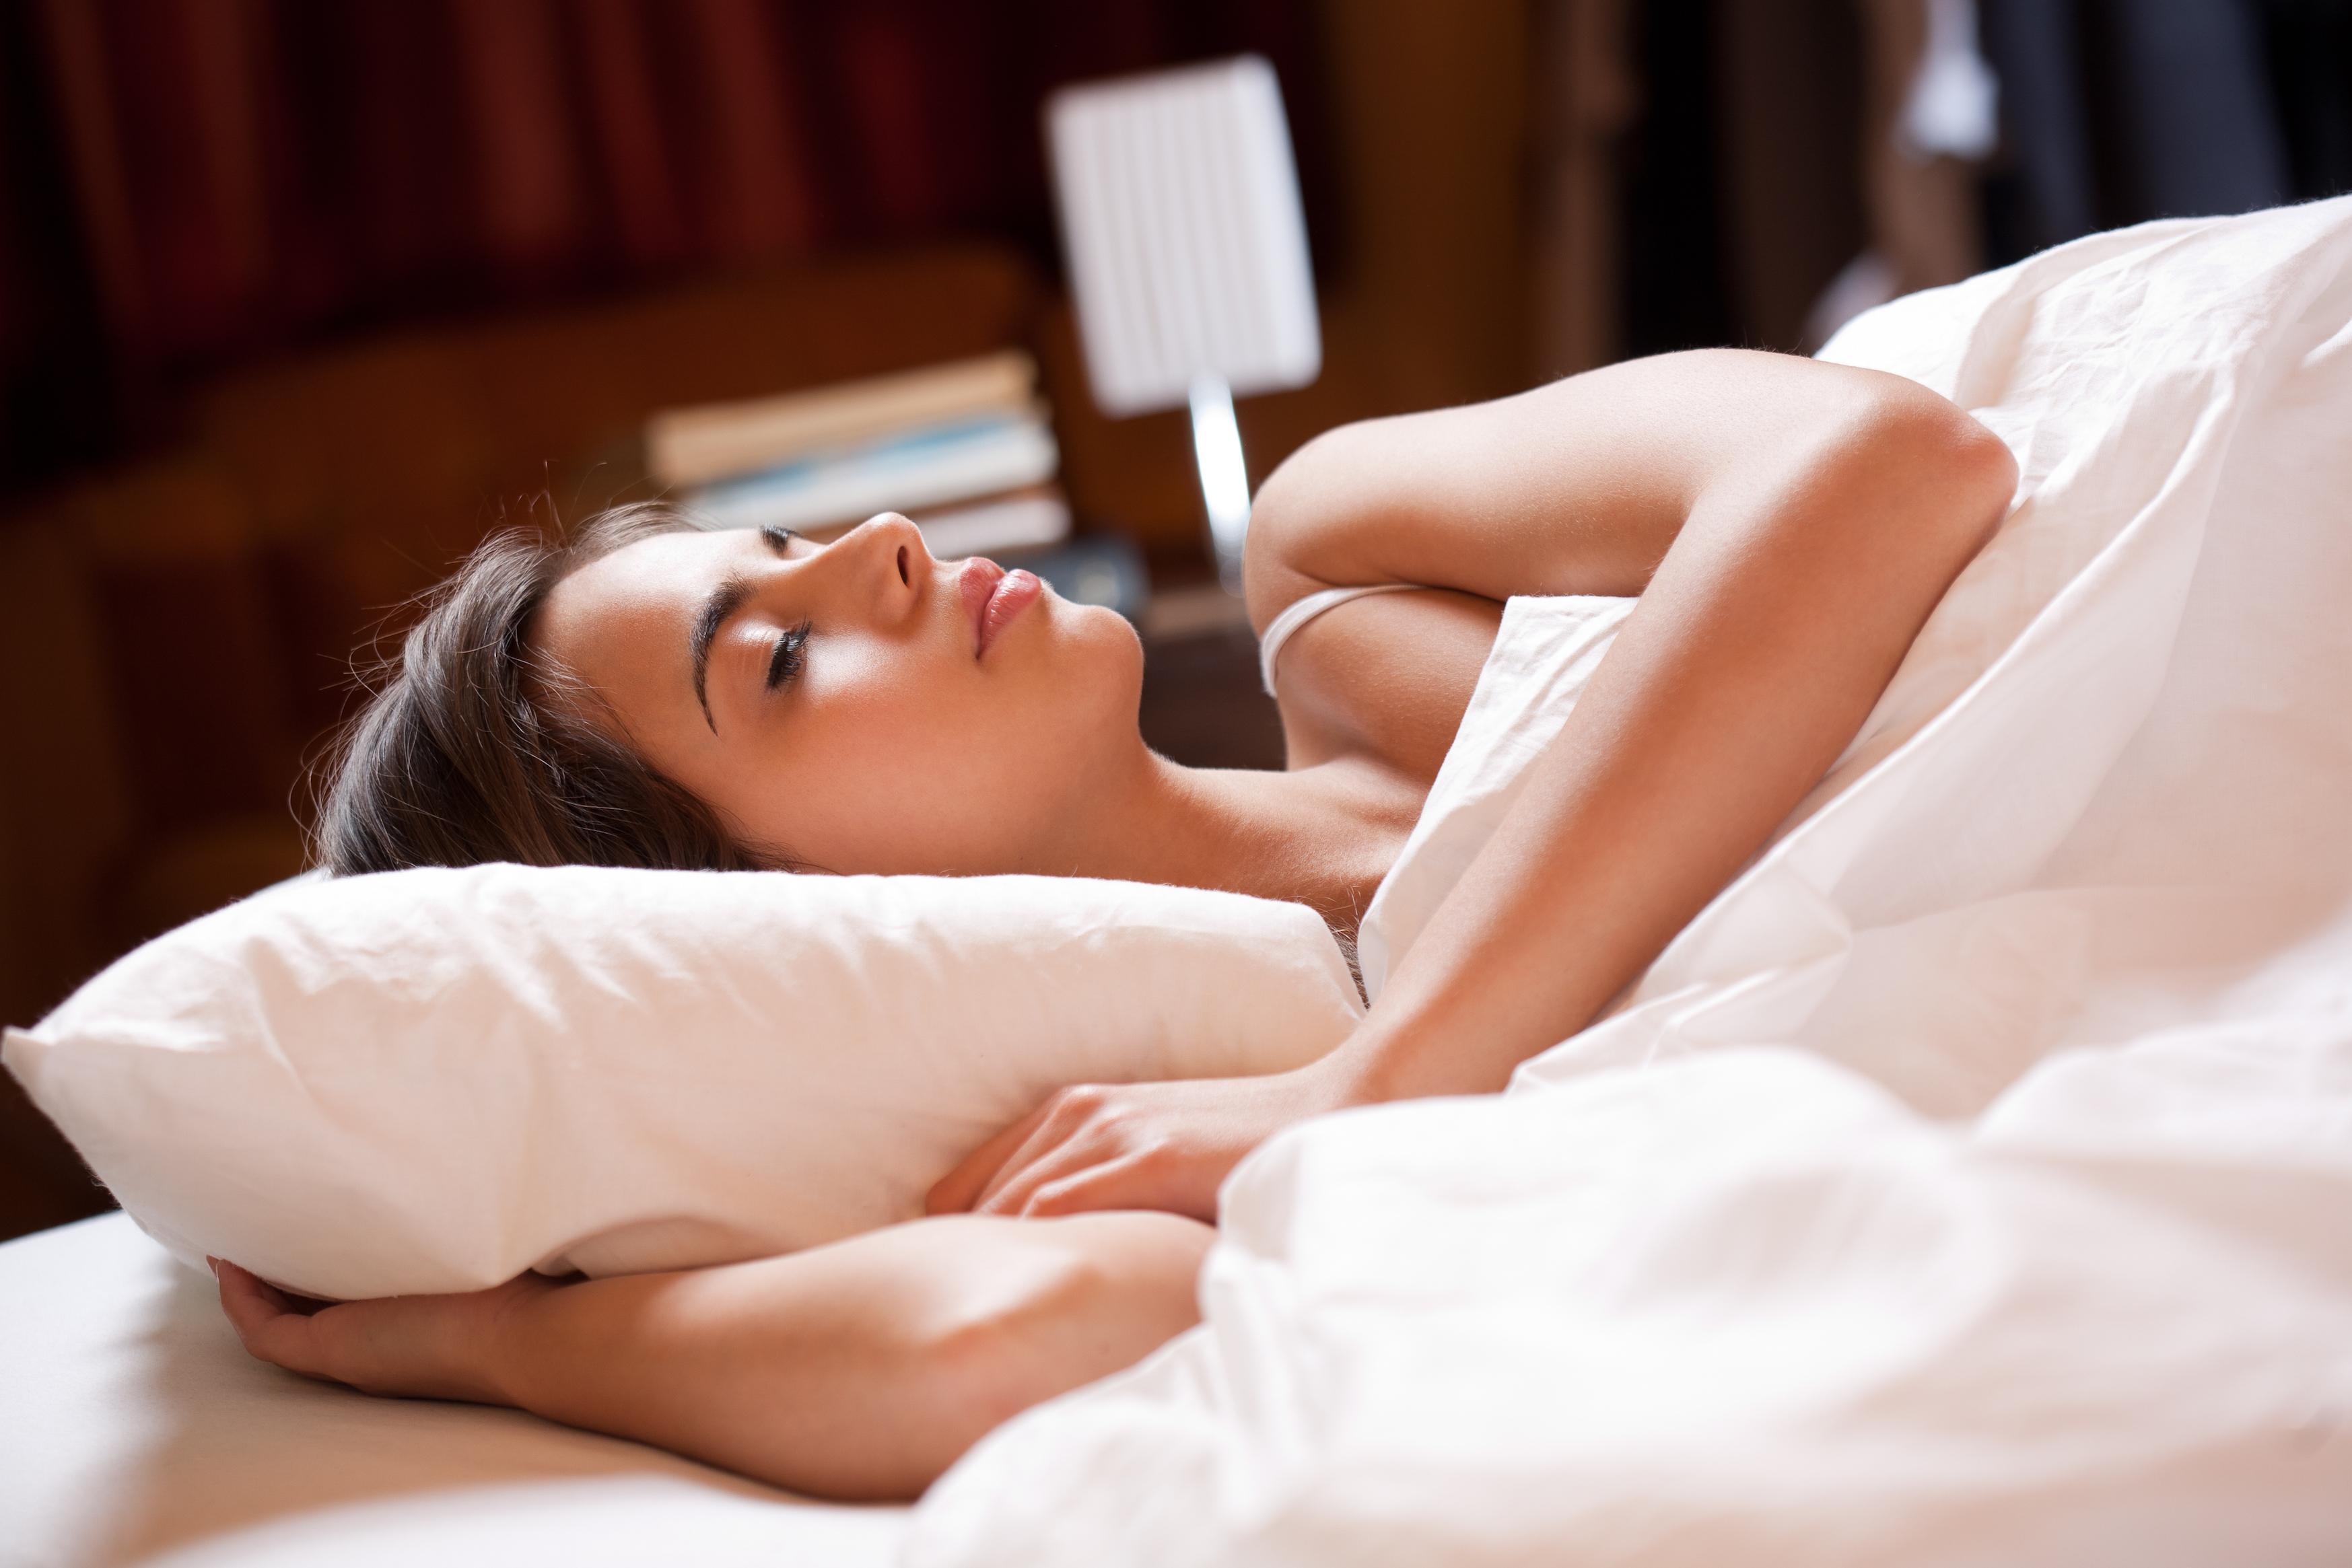 Jillian Michaels 5 Tips for Better Sleep